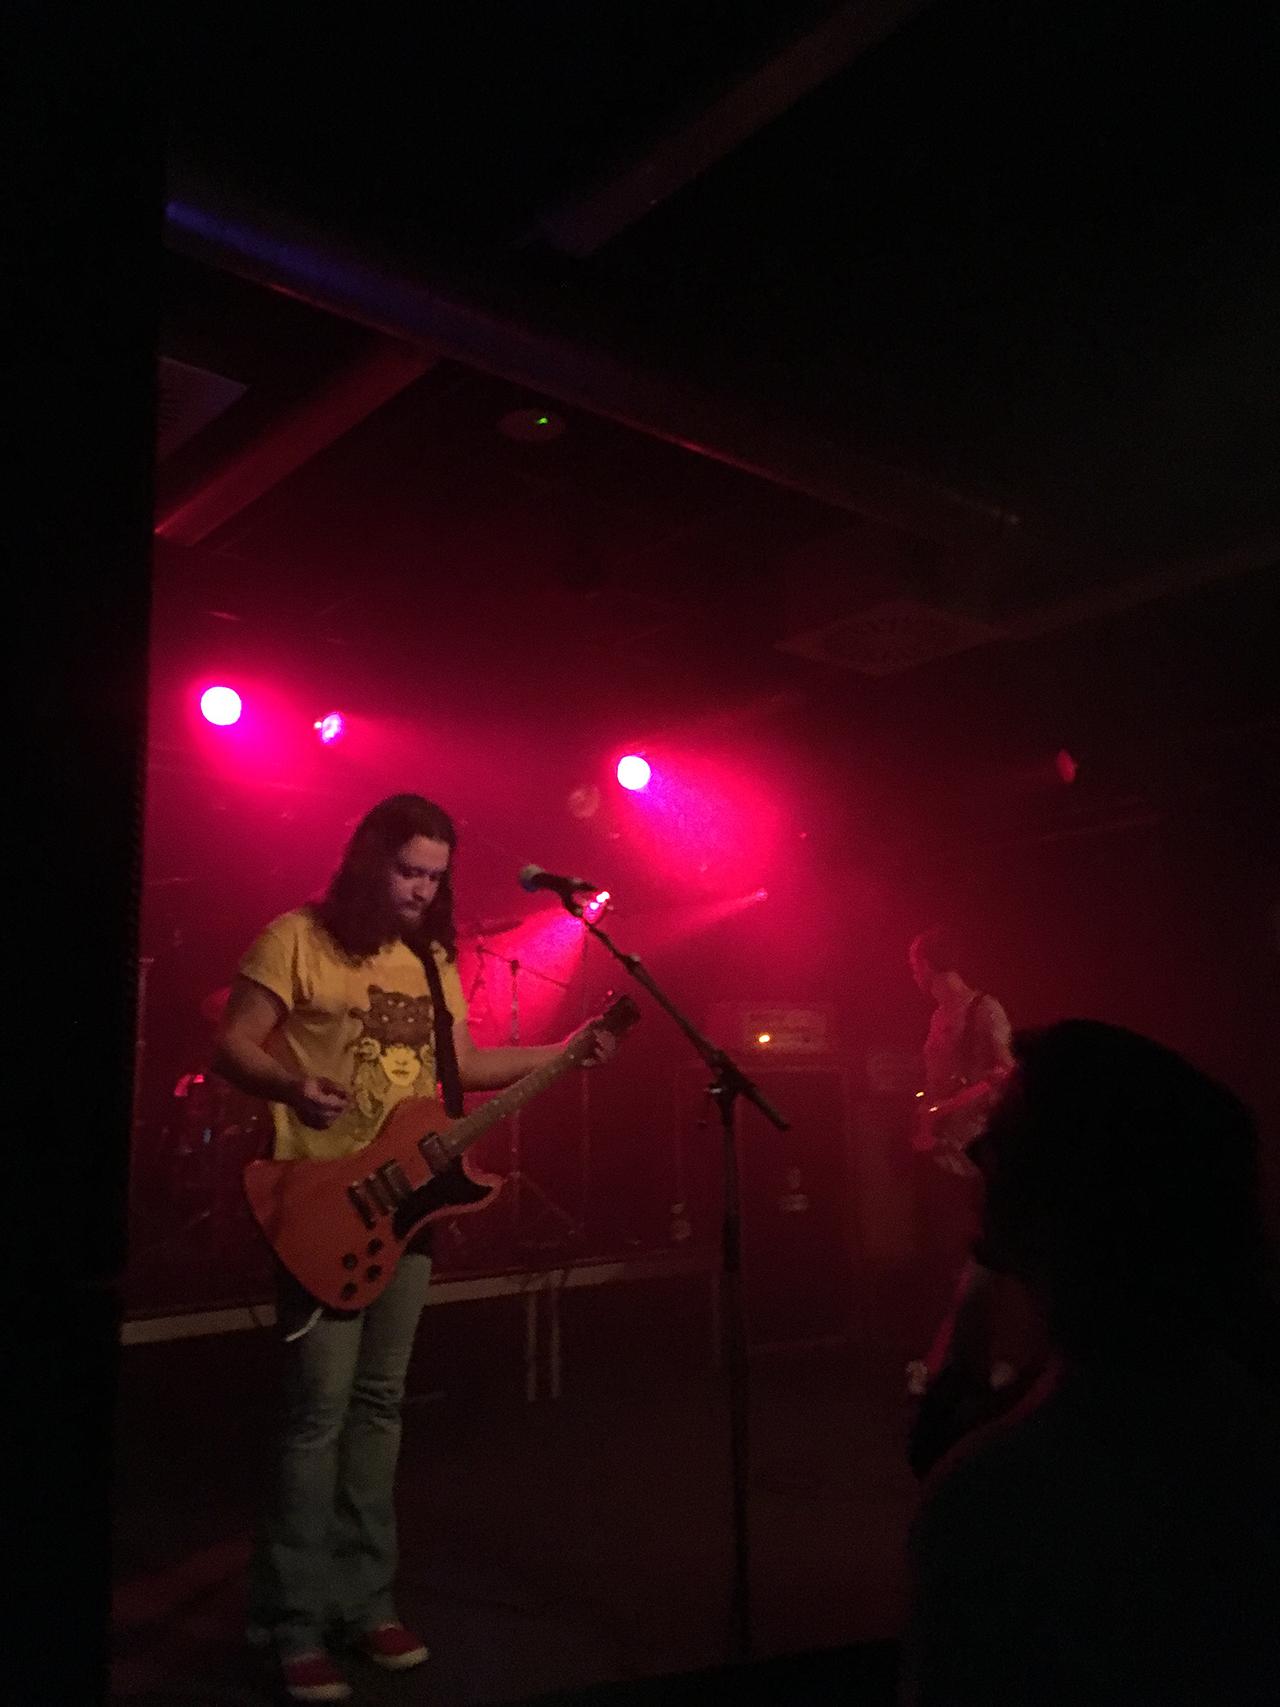 Feierwerk_Blog_Musik_Konzert_Stoned_Jesus_Bühne_1